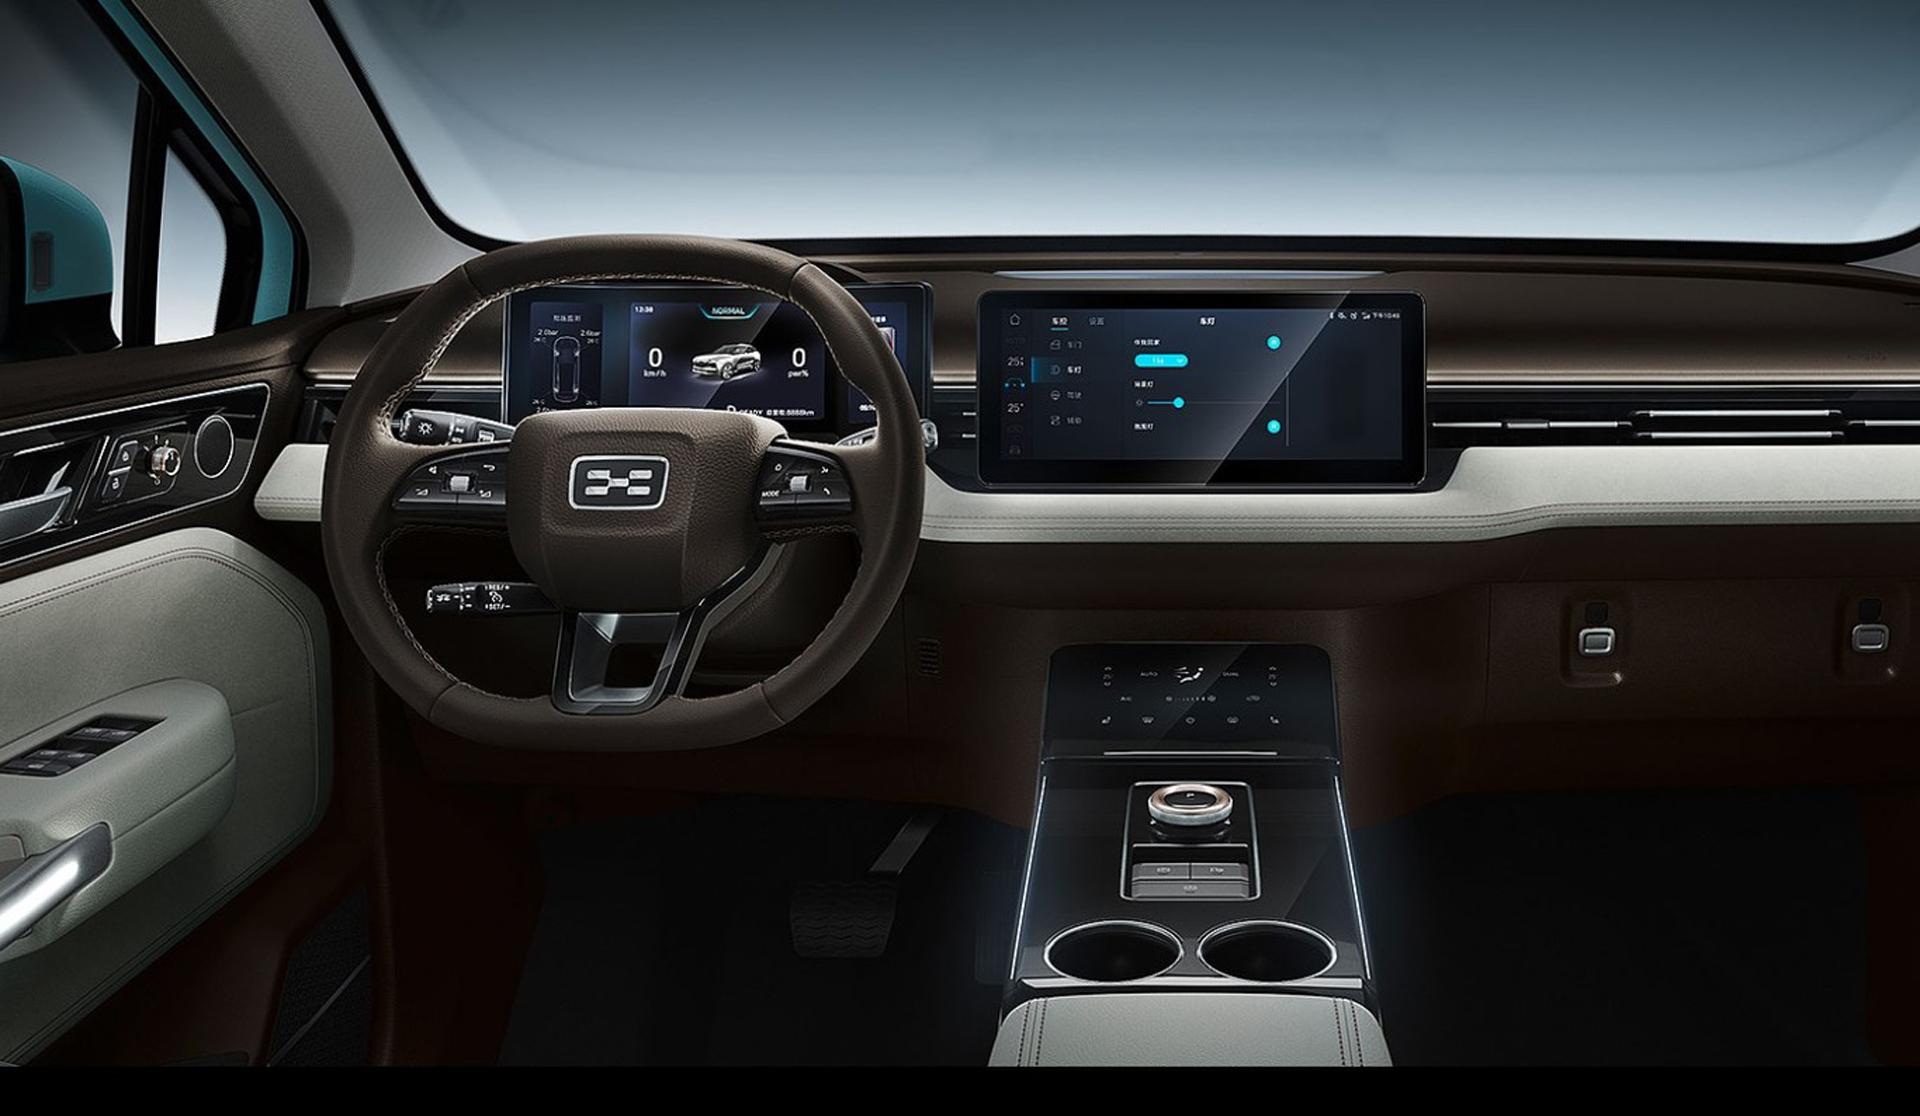 El interior del U5 se caracteriza por su diseño futurista